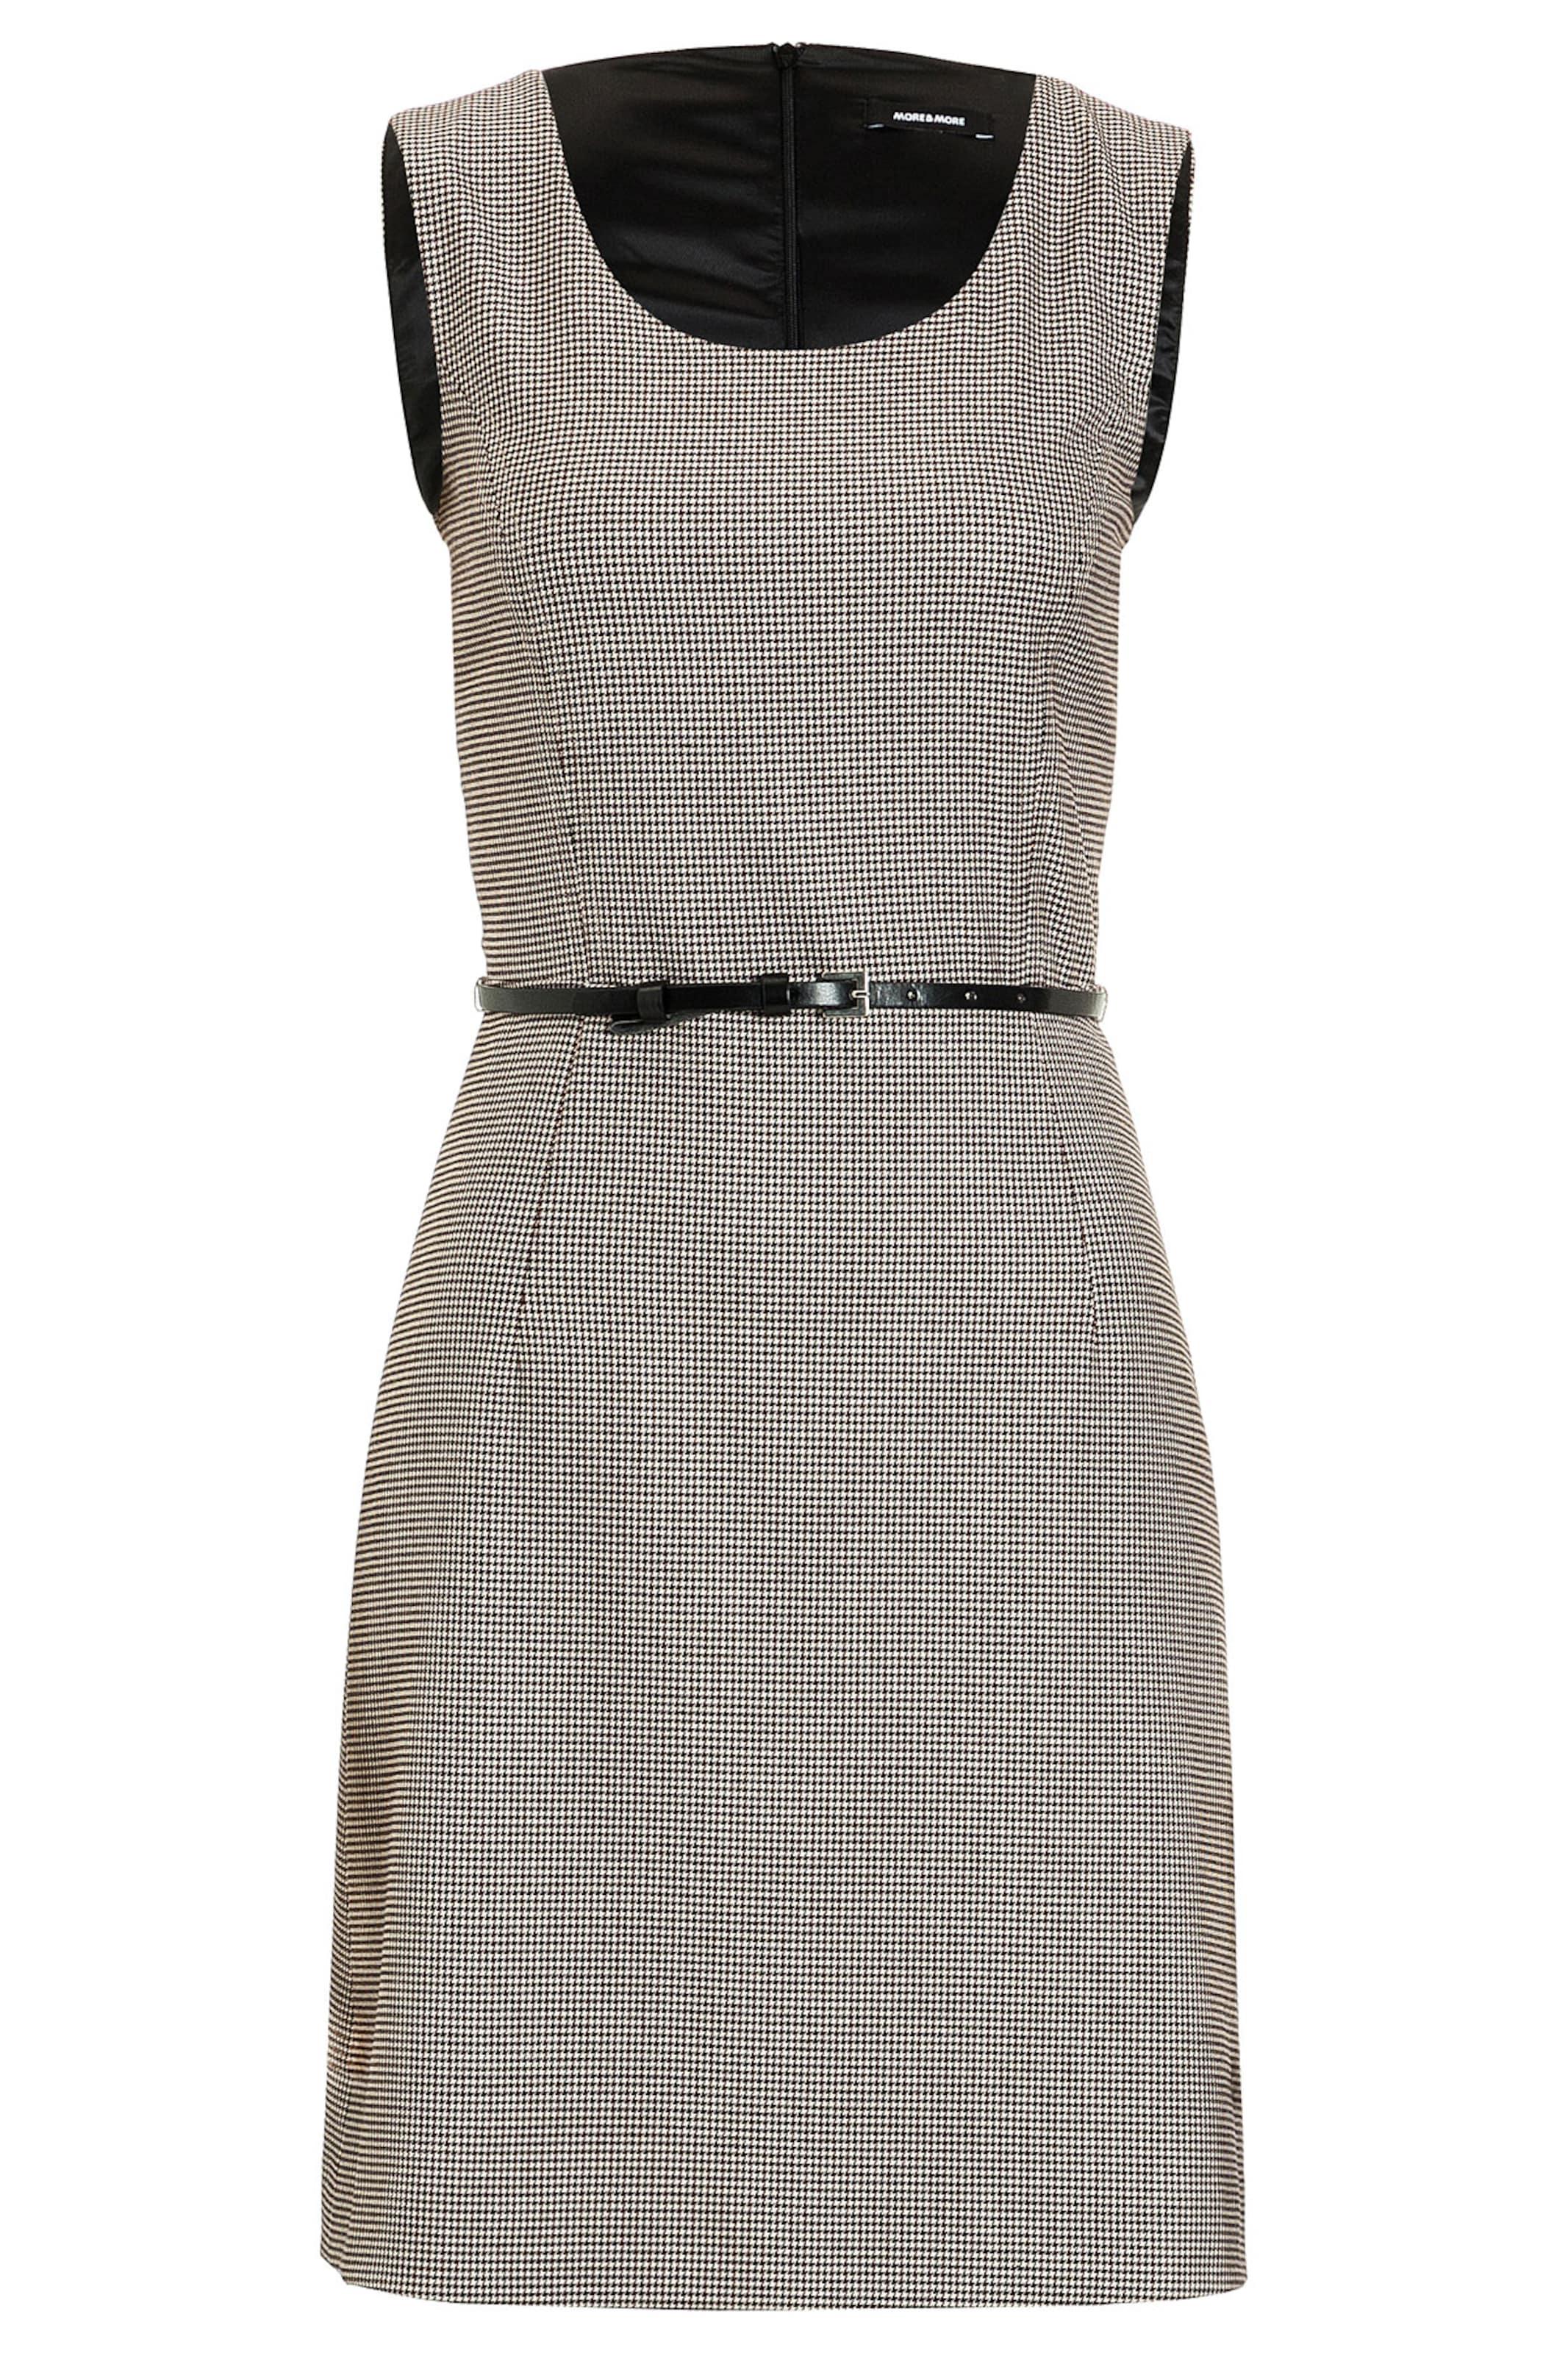 Kaufen Billig Zu Kaufen Billig Verkaufen Bilder MORE & MORE Pepita-Kleid Erstaunlicher Preis Online Freie Verschiffen-Spielraum jHuwIJw